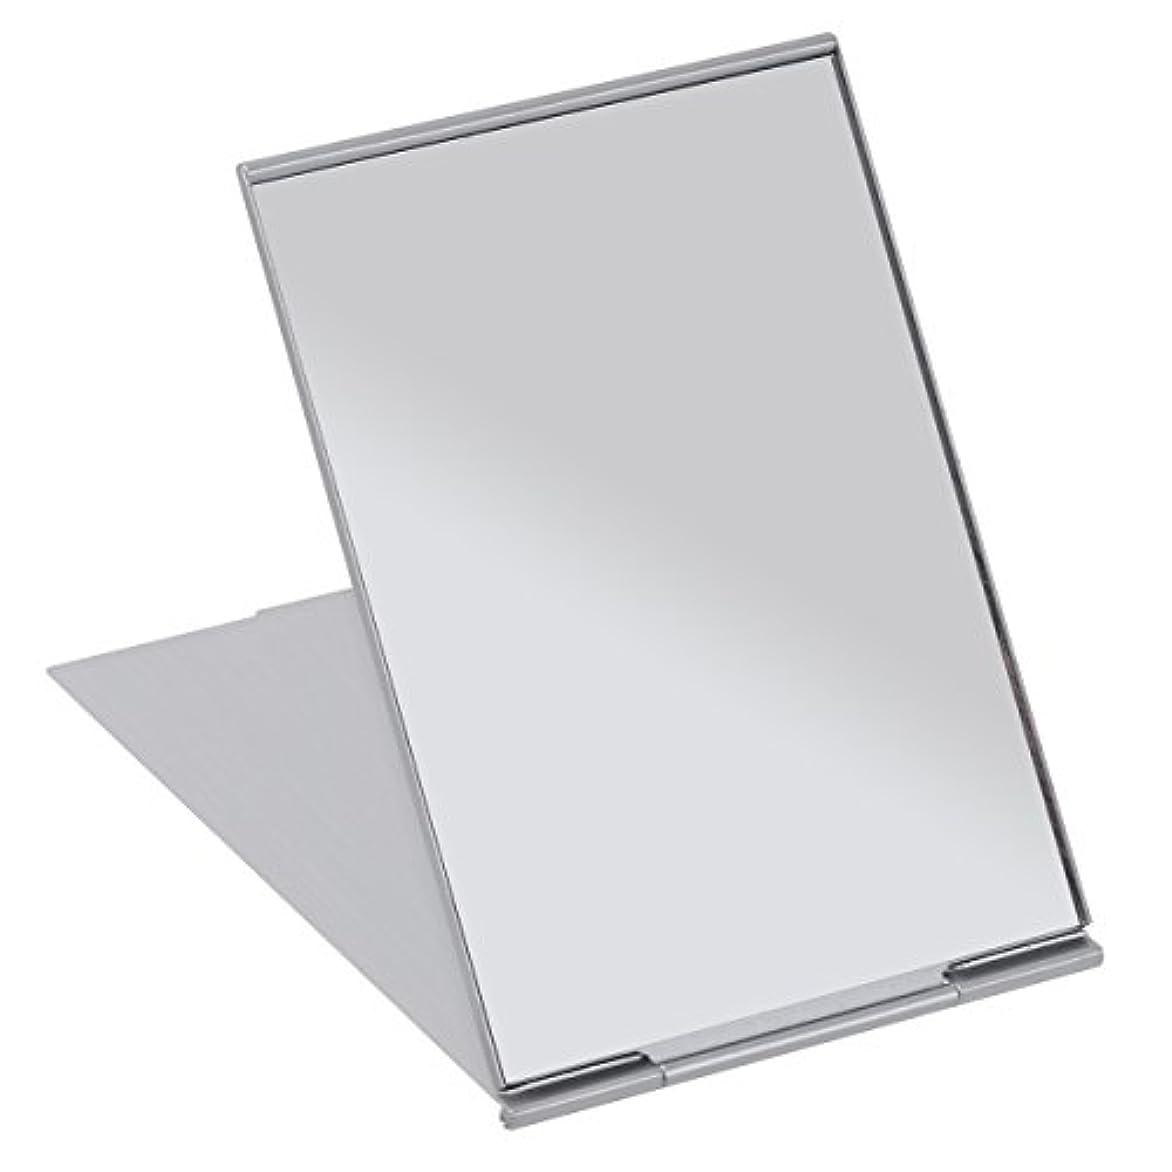 インドクリークリサイクルするFRCOLOR 化粧鏡 携帯ミラー 折りたたみミラー 化粧ミラー コンパクトミラー 11.5*8cm 持ち運びに便利 (シルバー)